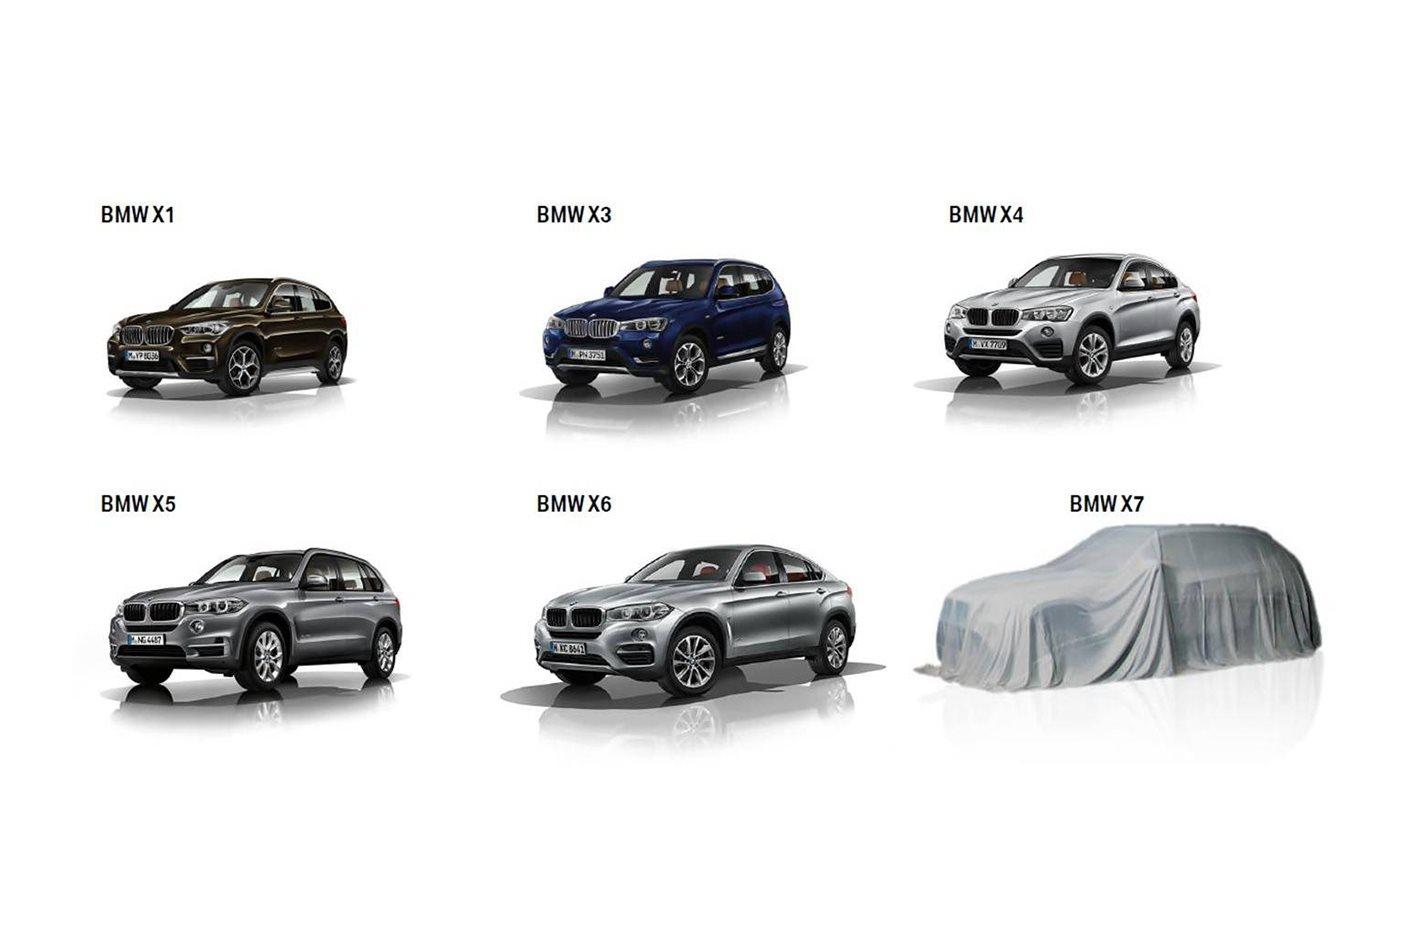 4x4 Bmw X7 >> Bmw X7 Premium Seven Seater On The Horizon